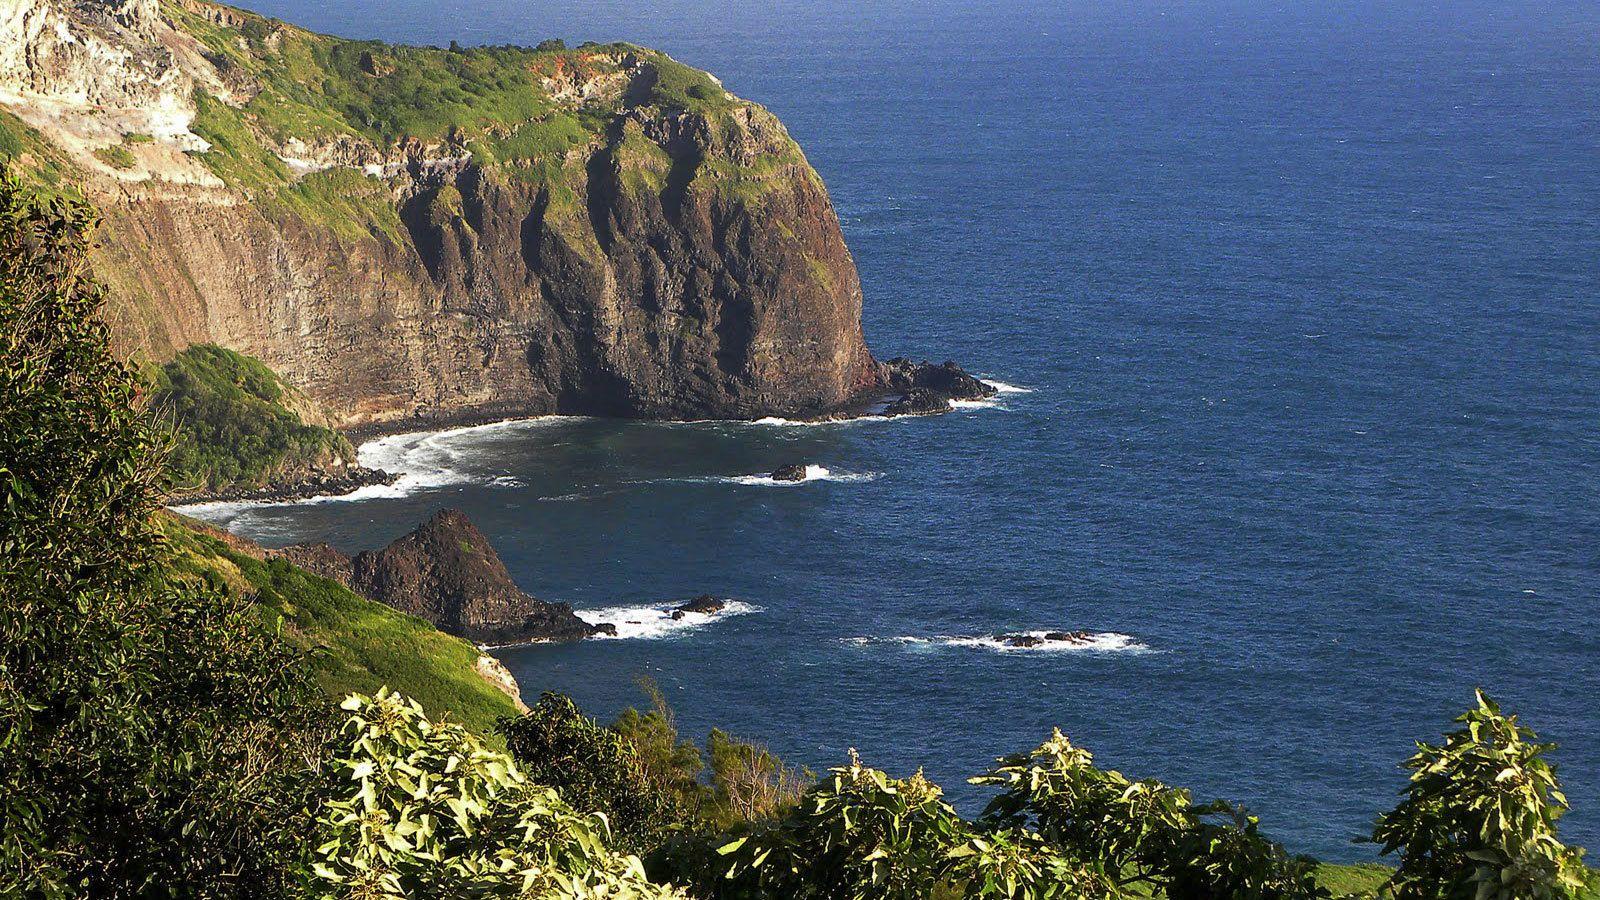 Rocks in ocean near the shore line in Maui